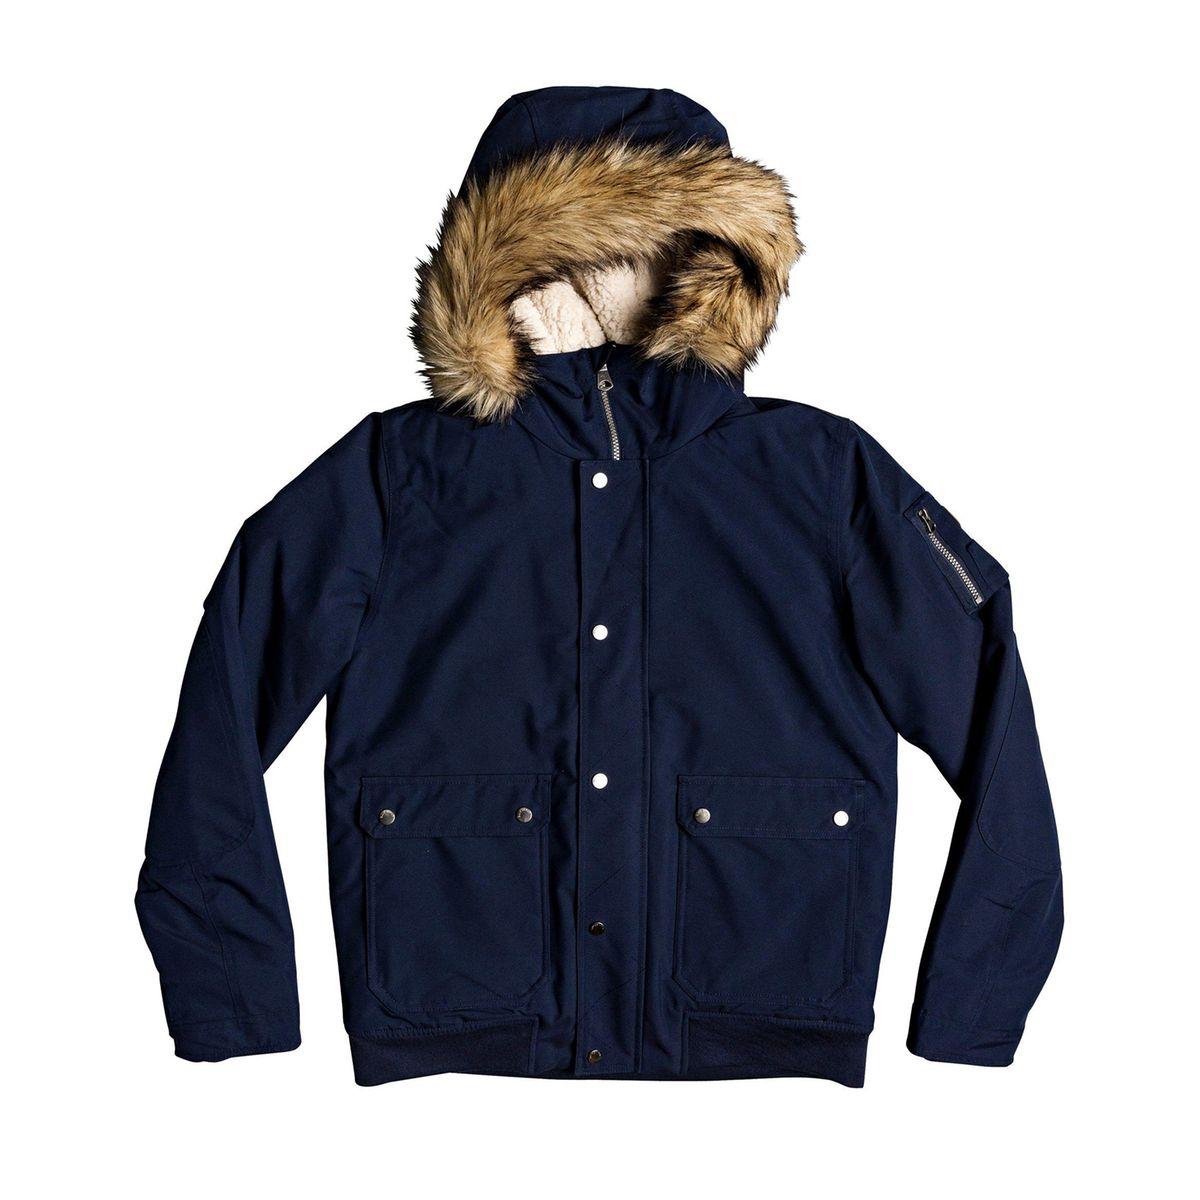 Manteau à capuche Quiksilver Arris - Tailles S à XXL